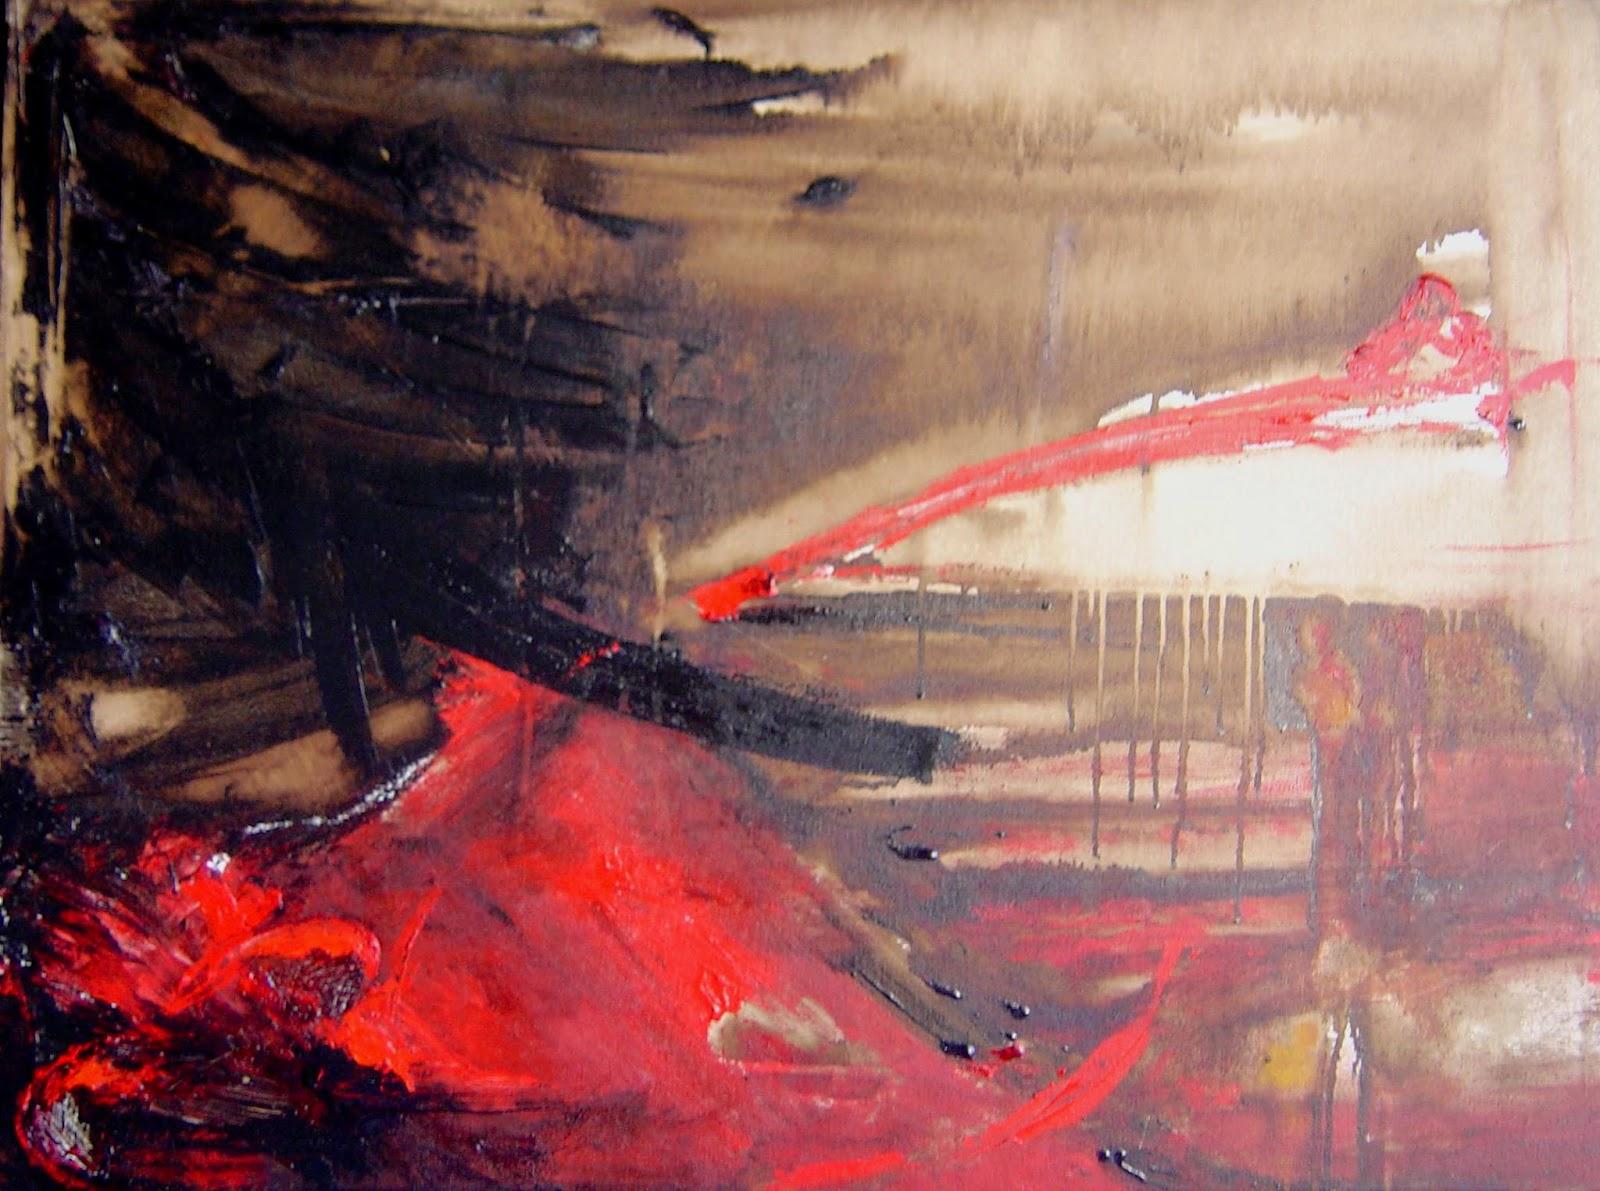 Pinturas abstractas de vanina martinez rojas for Fotos de cuadros abstractos sencillos